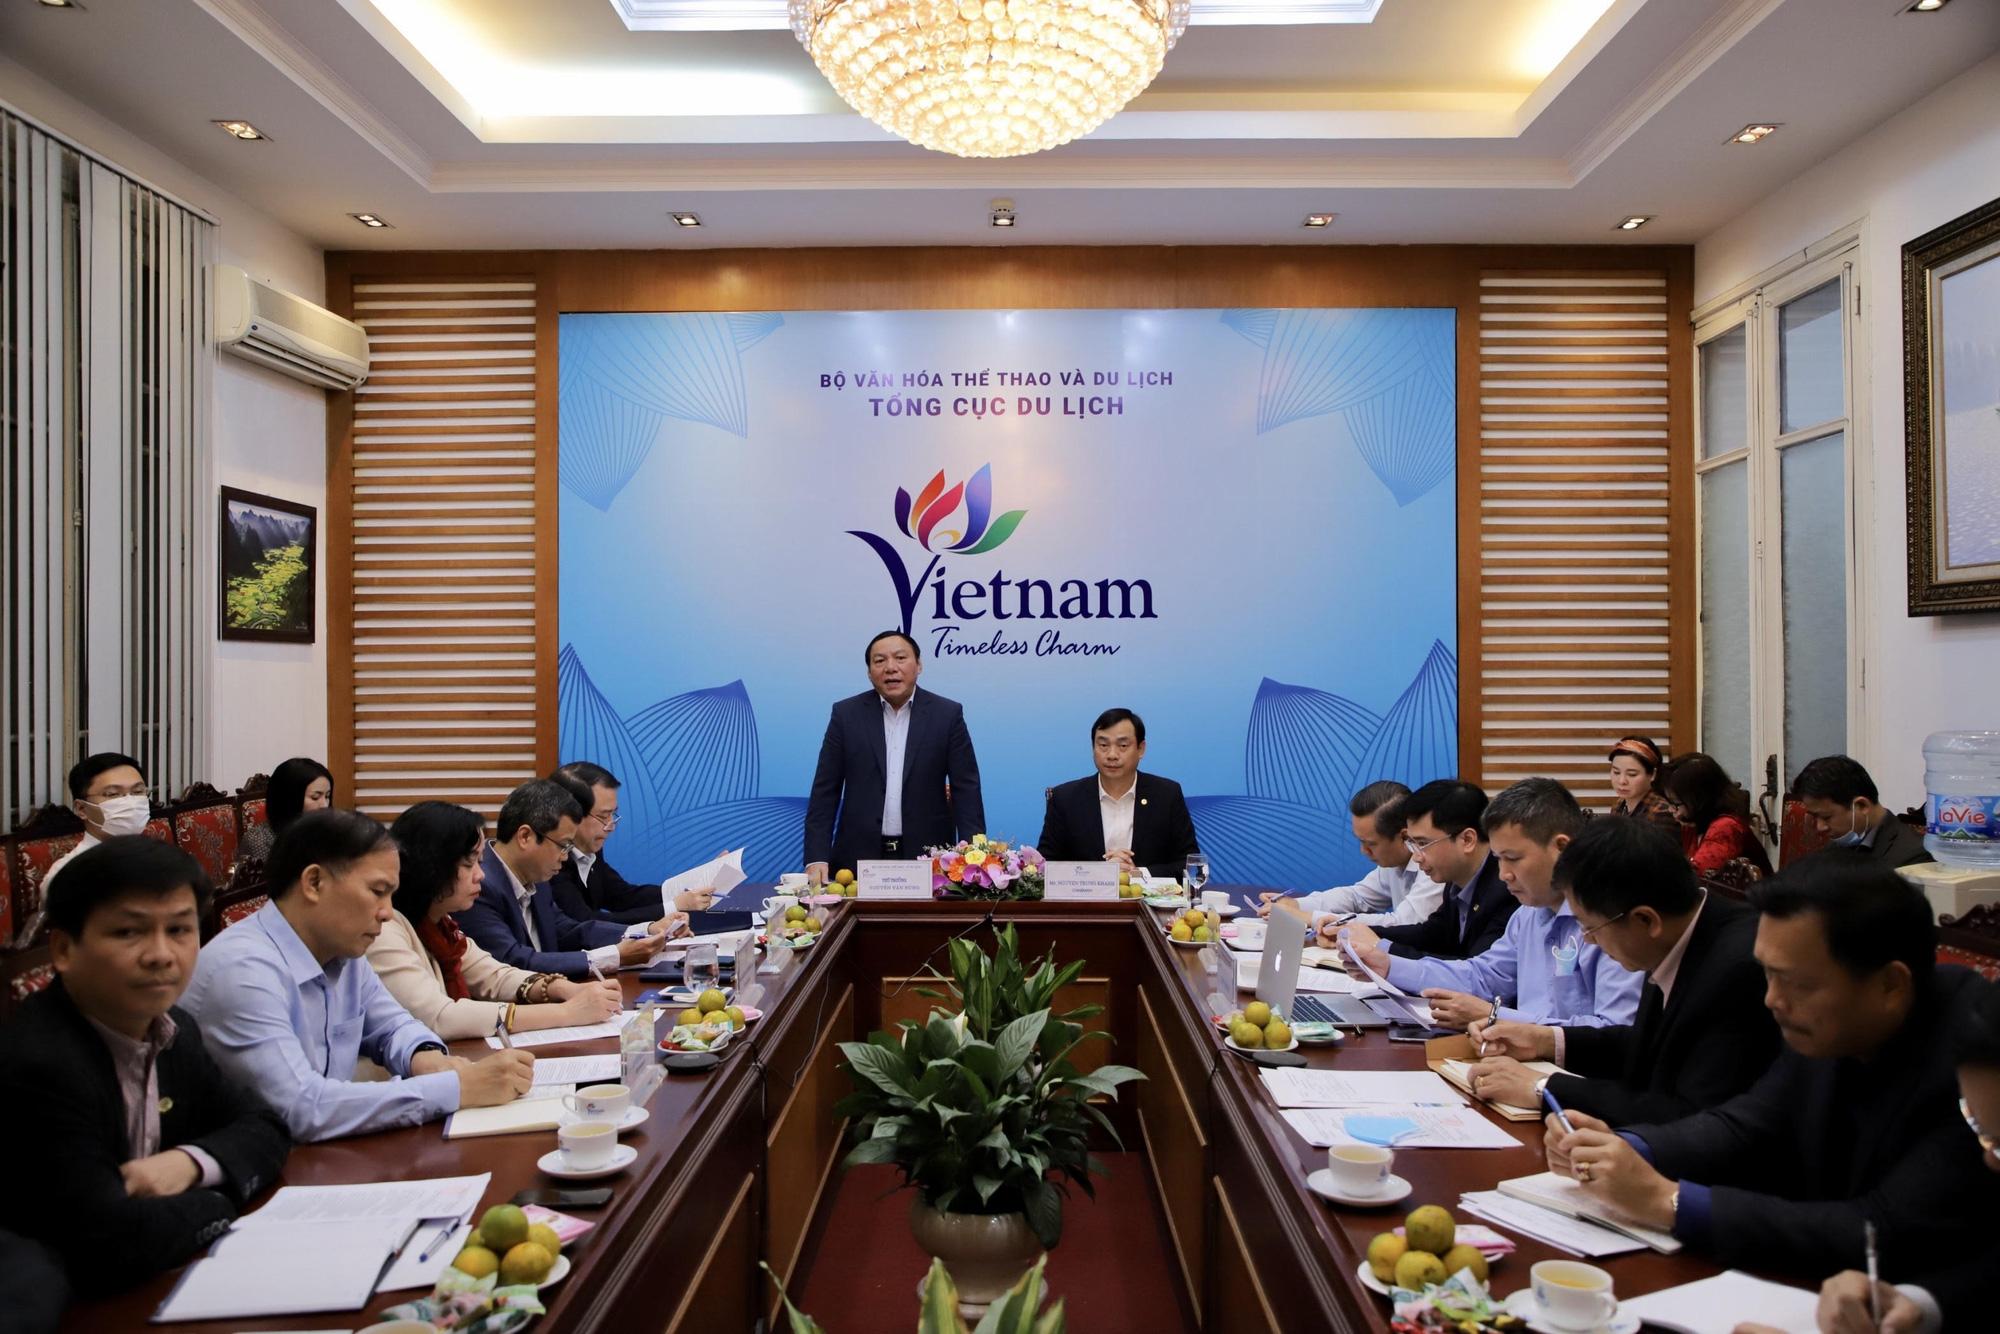 Thứ trưởng Nguyễn Văn Hùng: Ngành Du lịch cần xây dựng kế hoạch, đưa ra các giải pháp trọng tâm trong điều kiện bình thường mới - Ảnh 1.